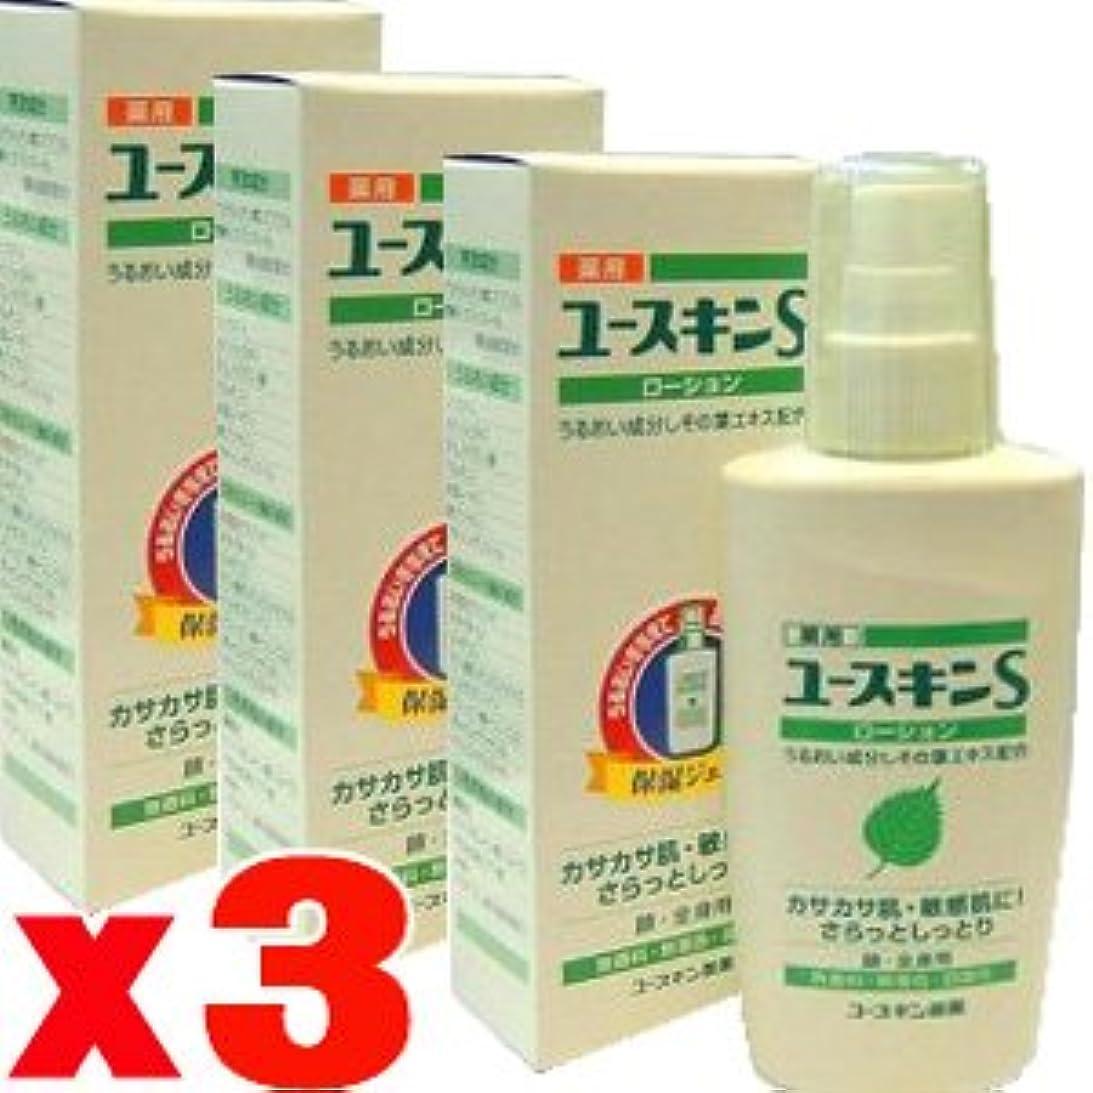 核アカウント霊【3個】 薬用 ユースキンSローション 150ml ×3個セット 4987353010312